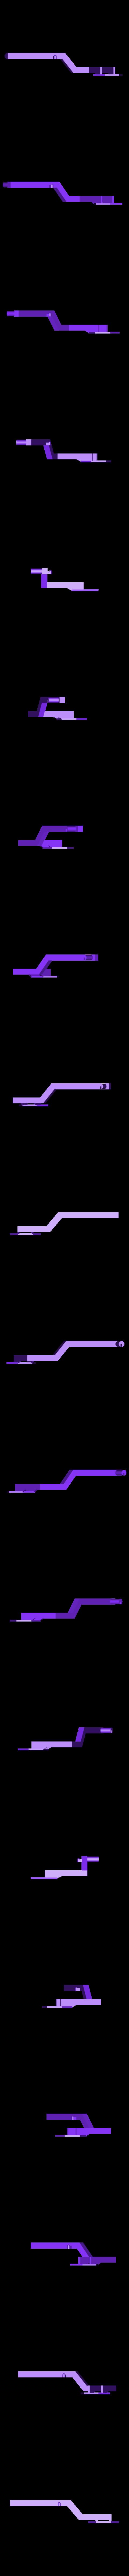 mousetrap-red-stop-sign.stl Télécharger fichier STL gratuit TortureTrap : une extension du piège à souris • Objet pour impression 3D, mrhers2